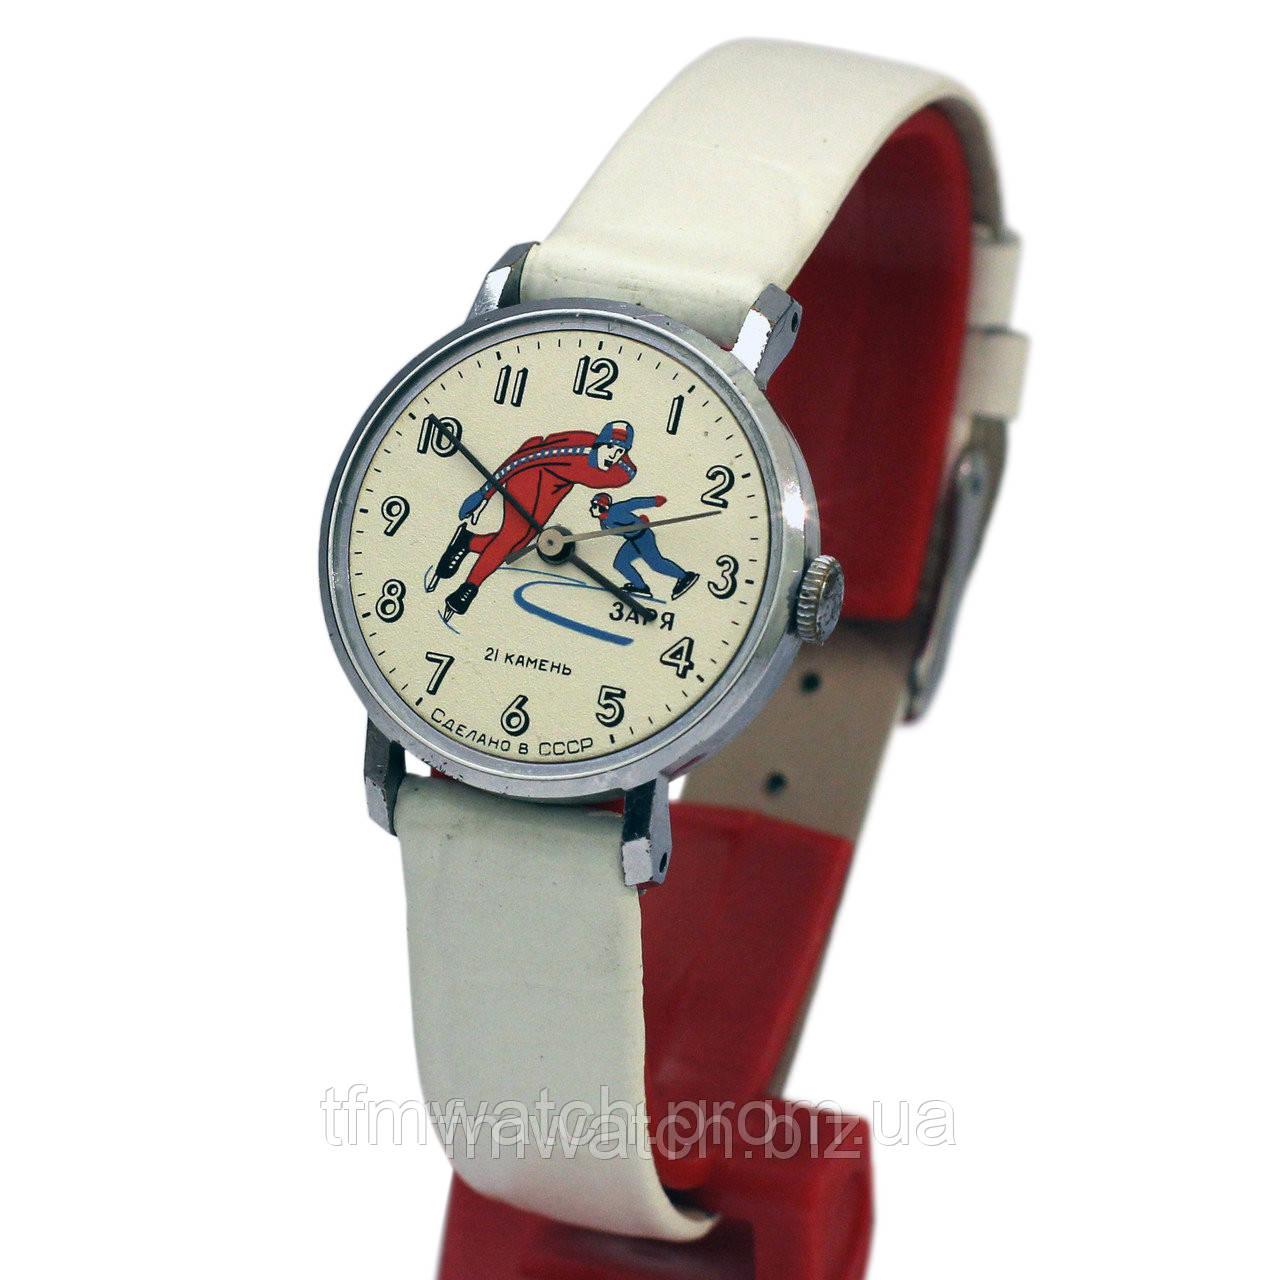 174095a1 Часы Заря конькобежцы - Магазин старинных, винтажных и антикварных часов  TFMwatch в России